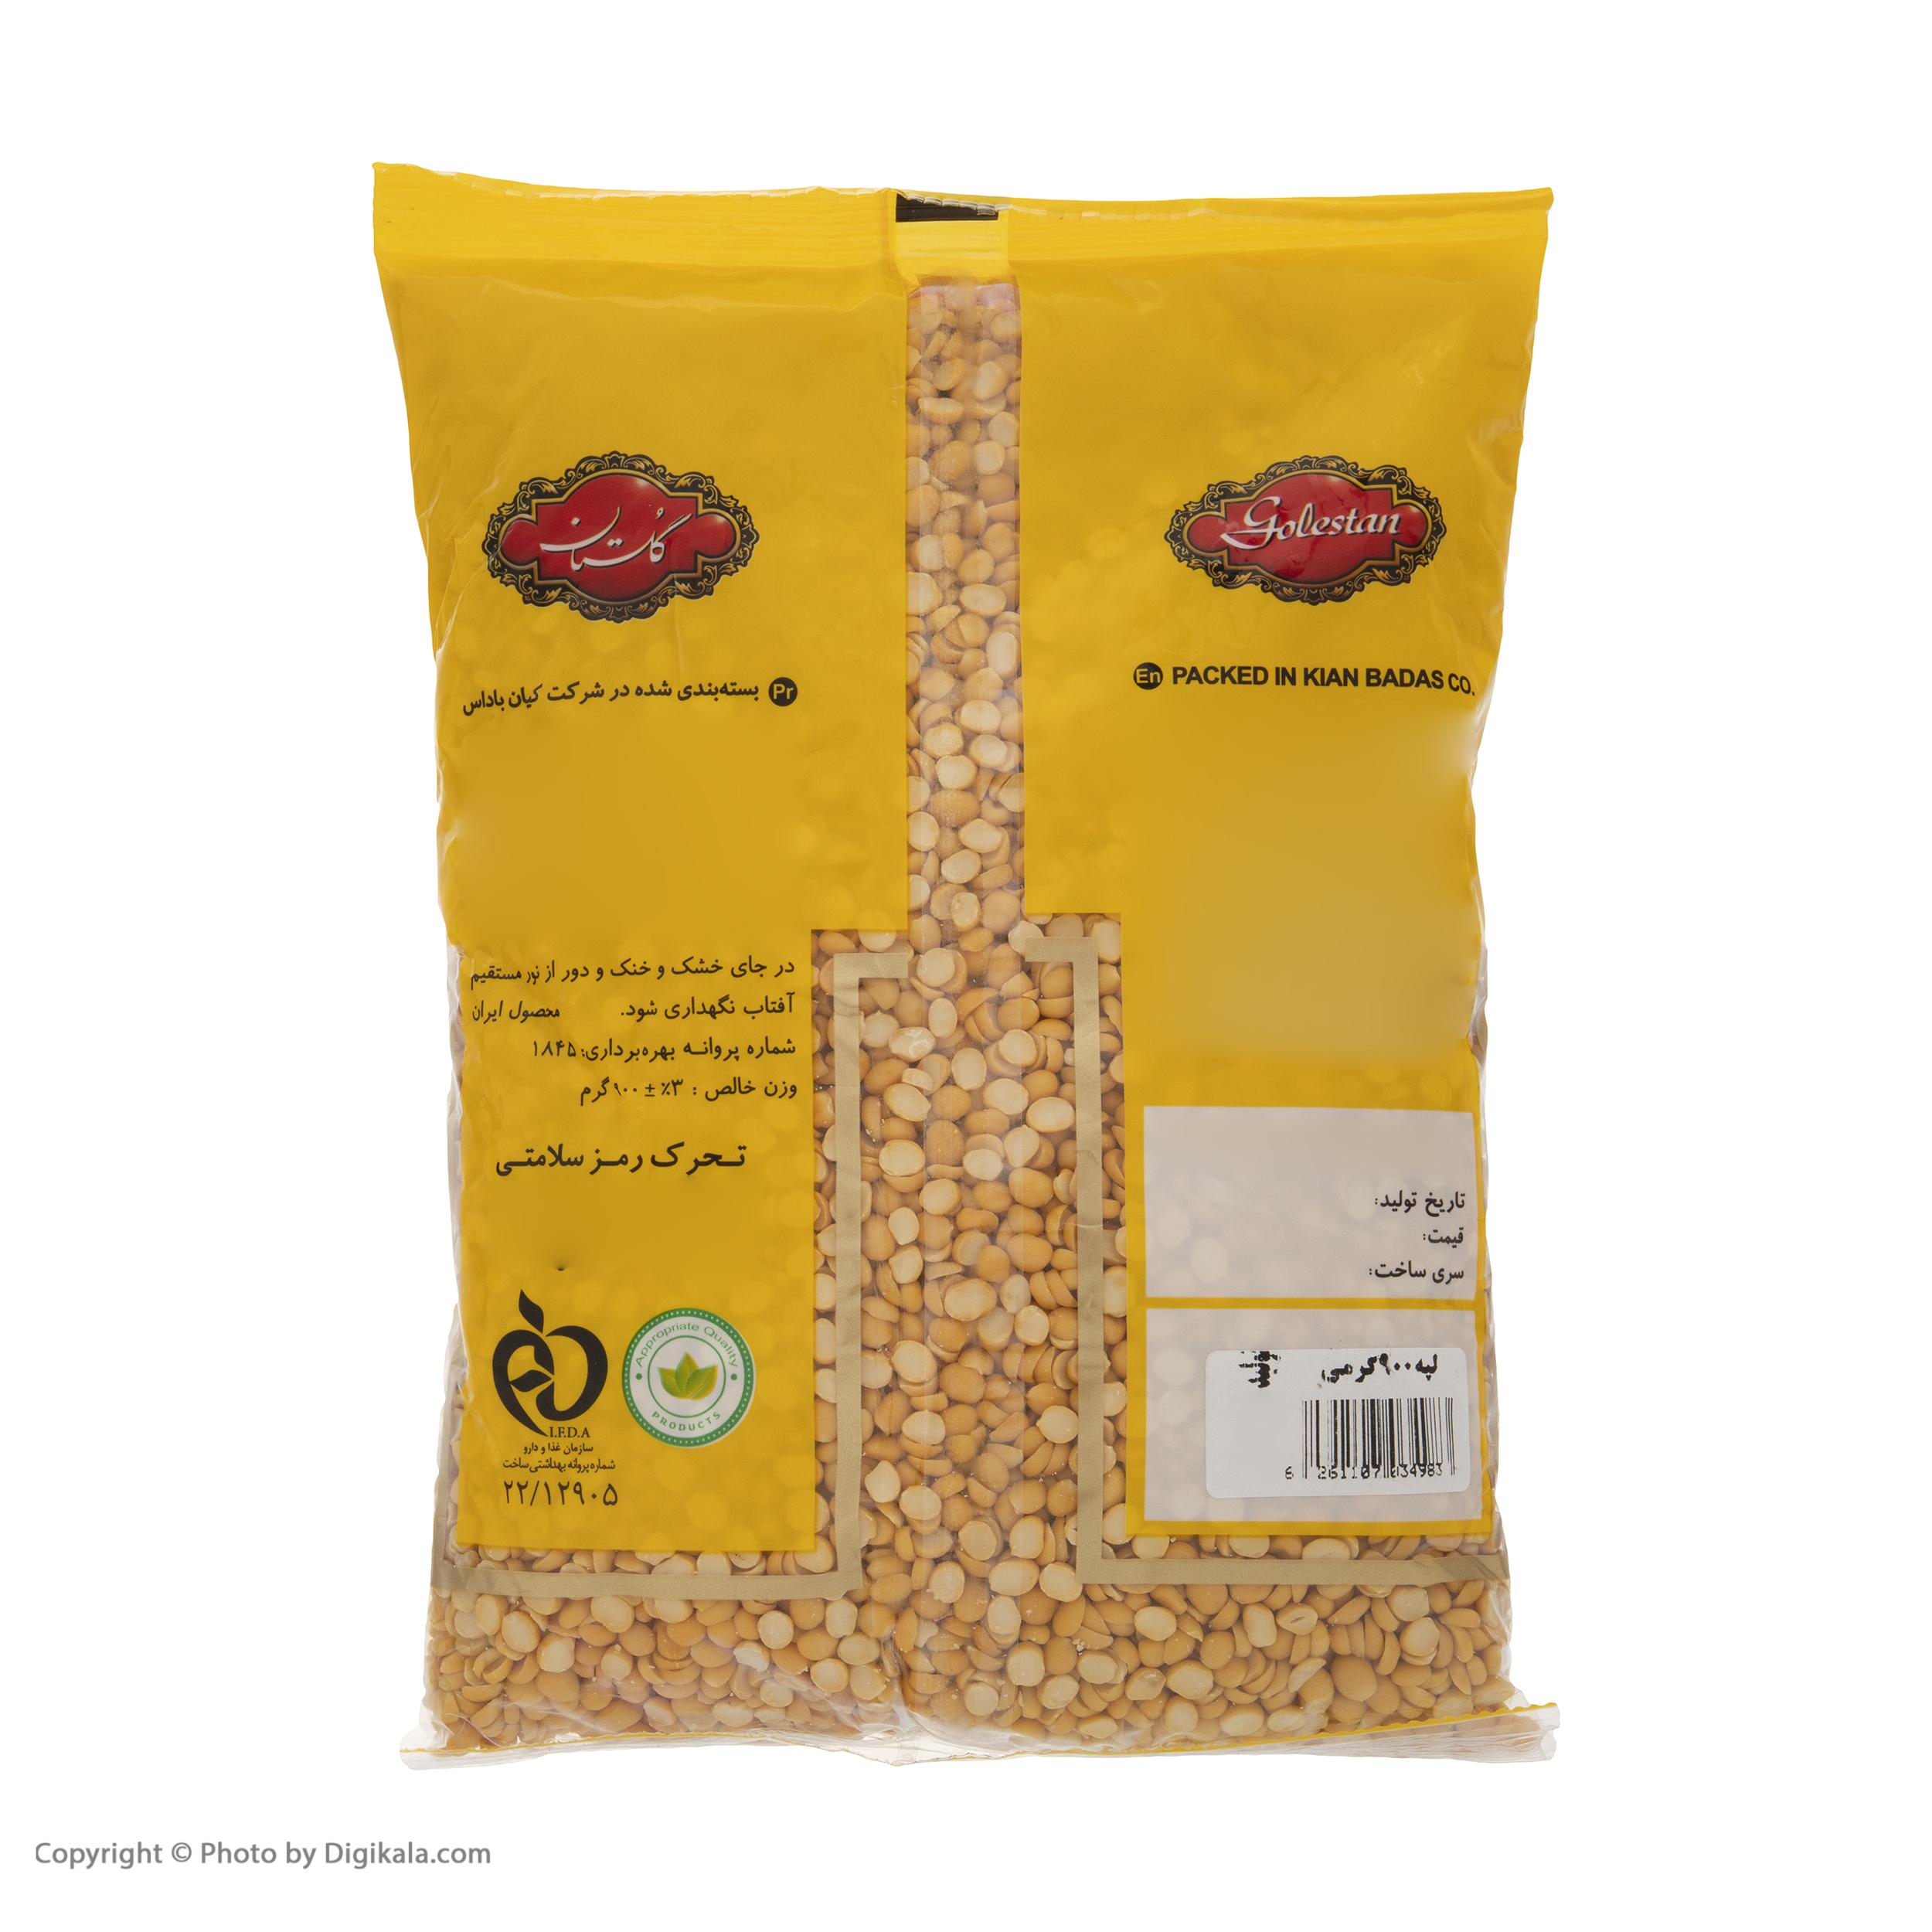 Golestan Split Peas - 900 grams